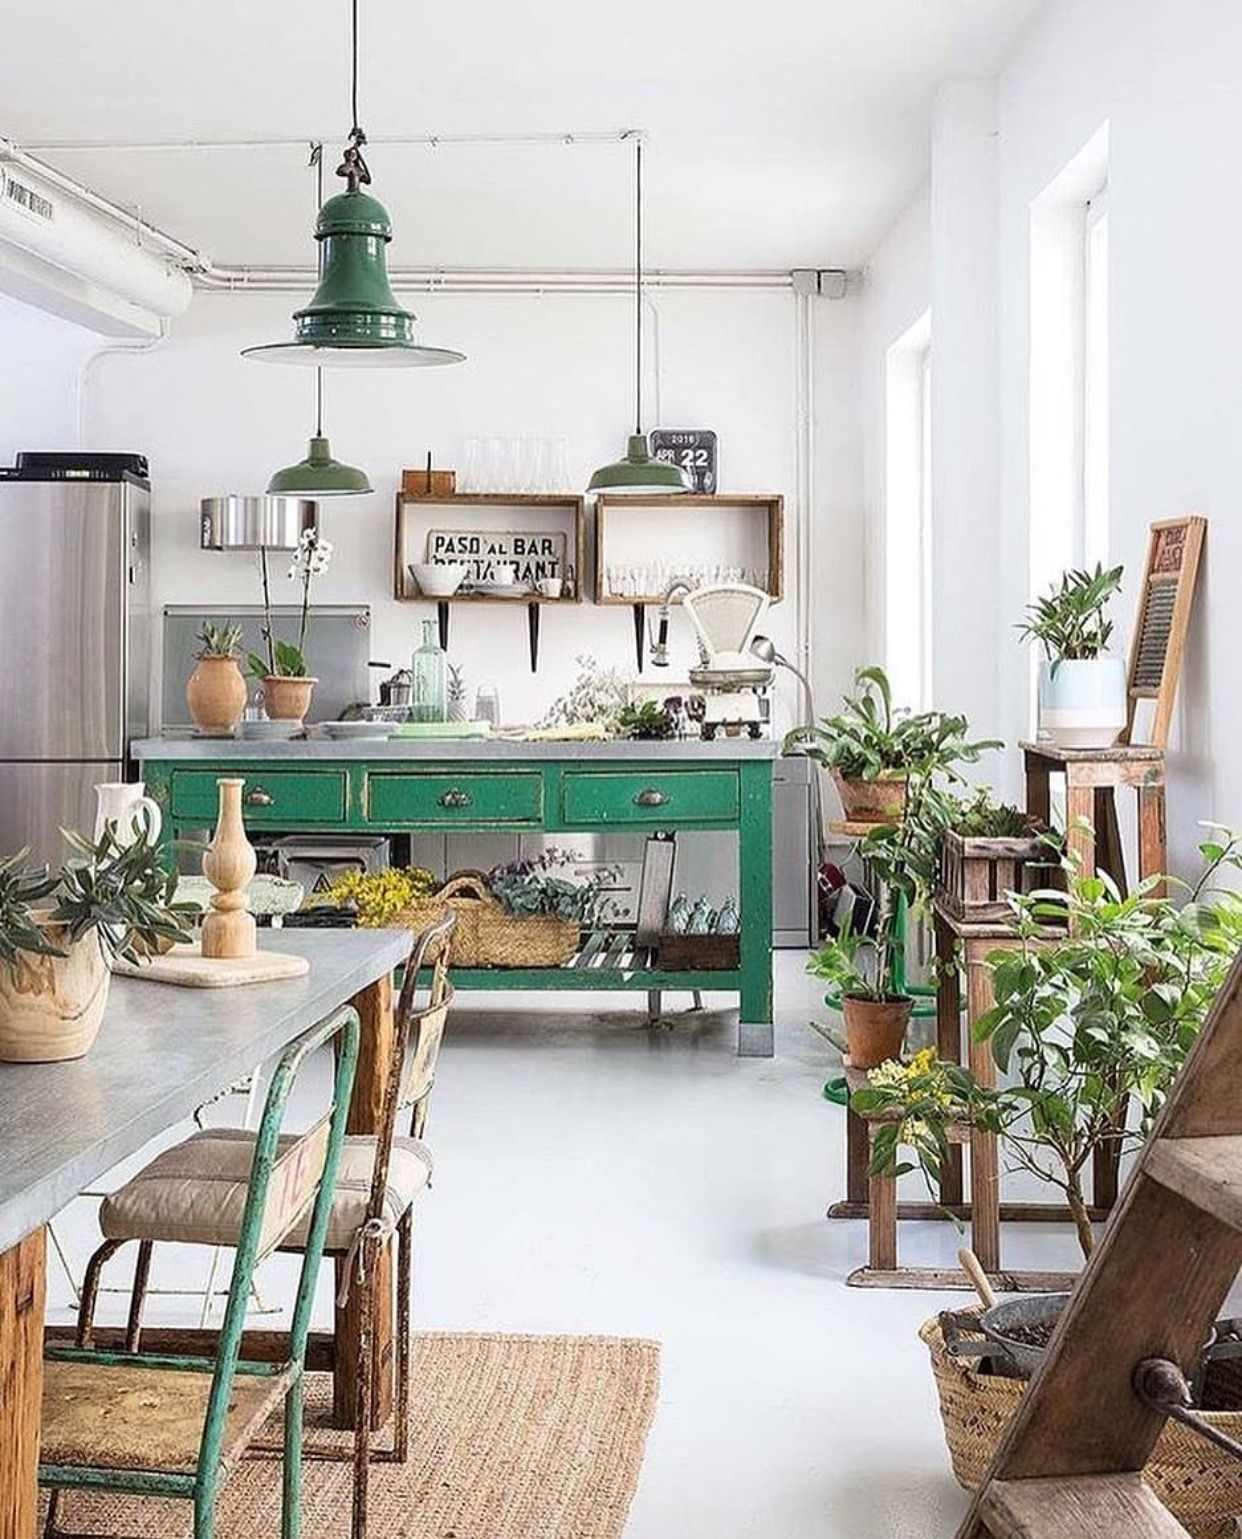 Apothecary ideas   Dream House   Pinterest   Traumküchen, Raum und Küche